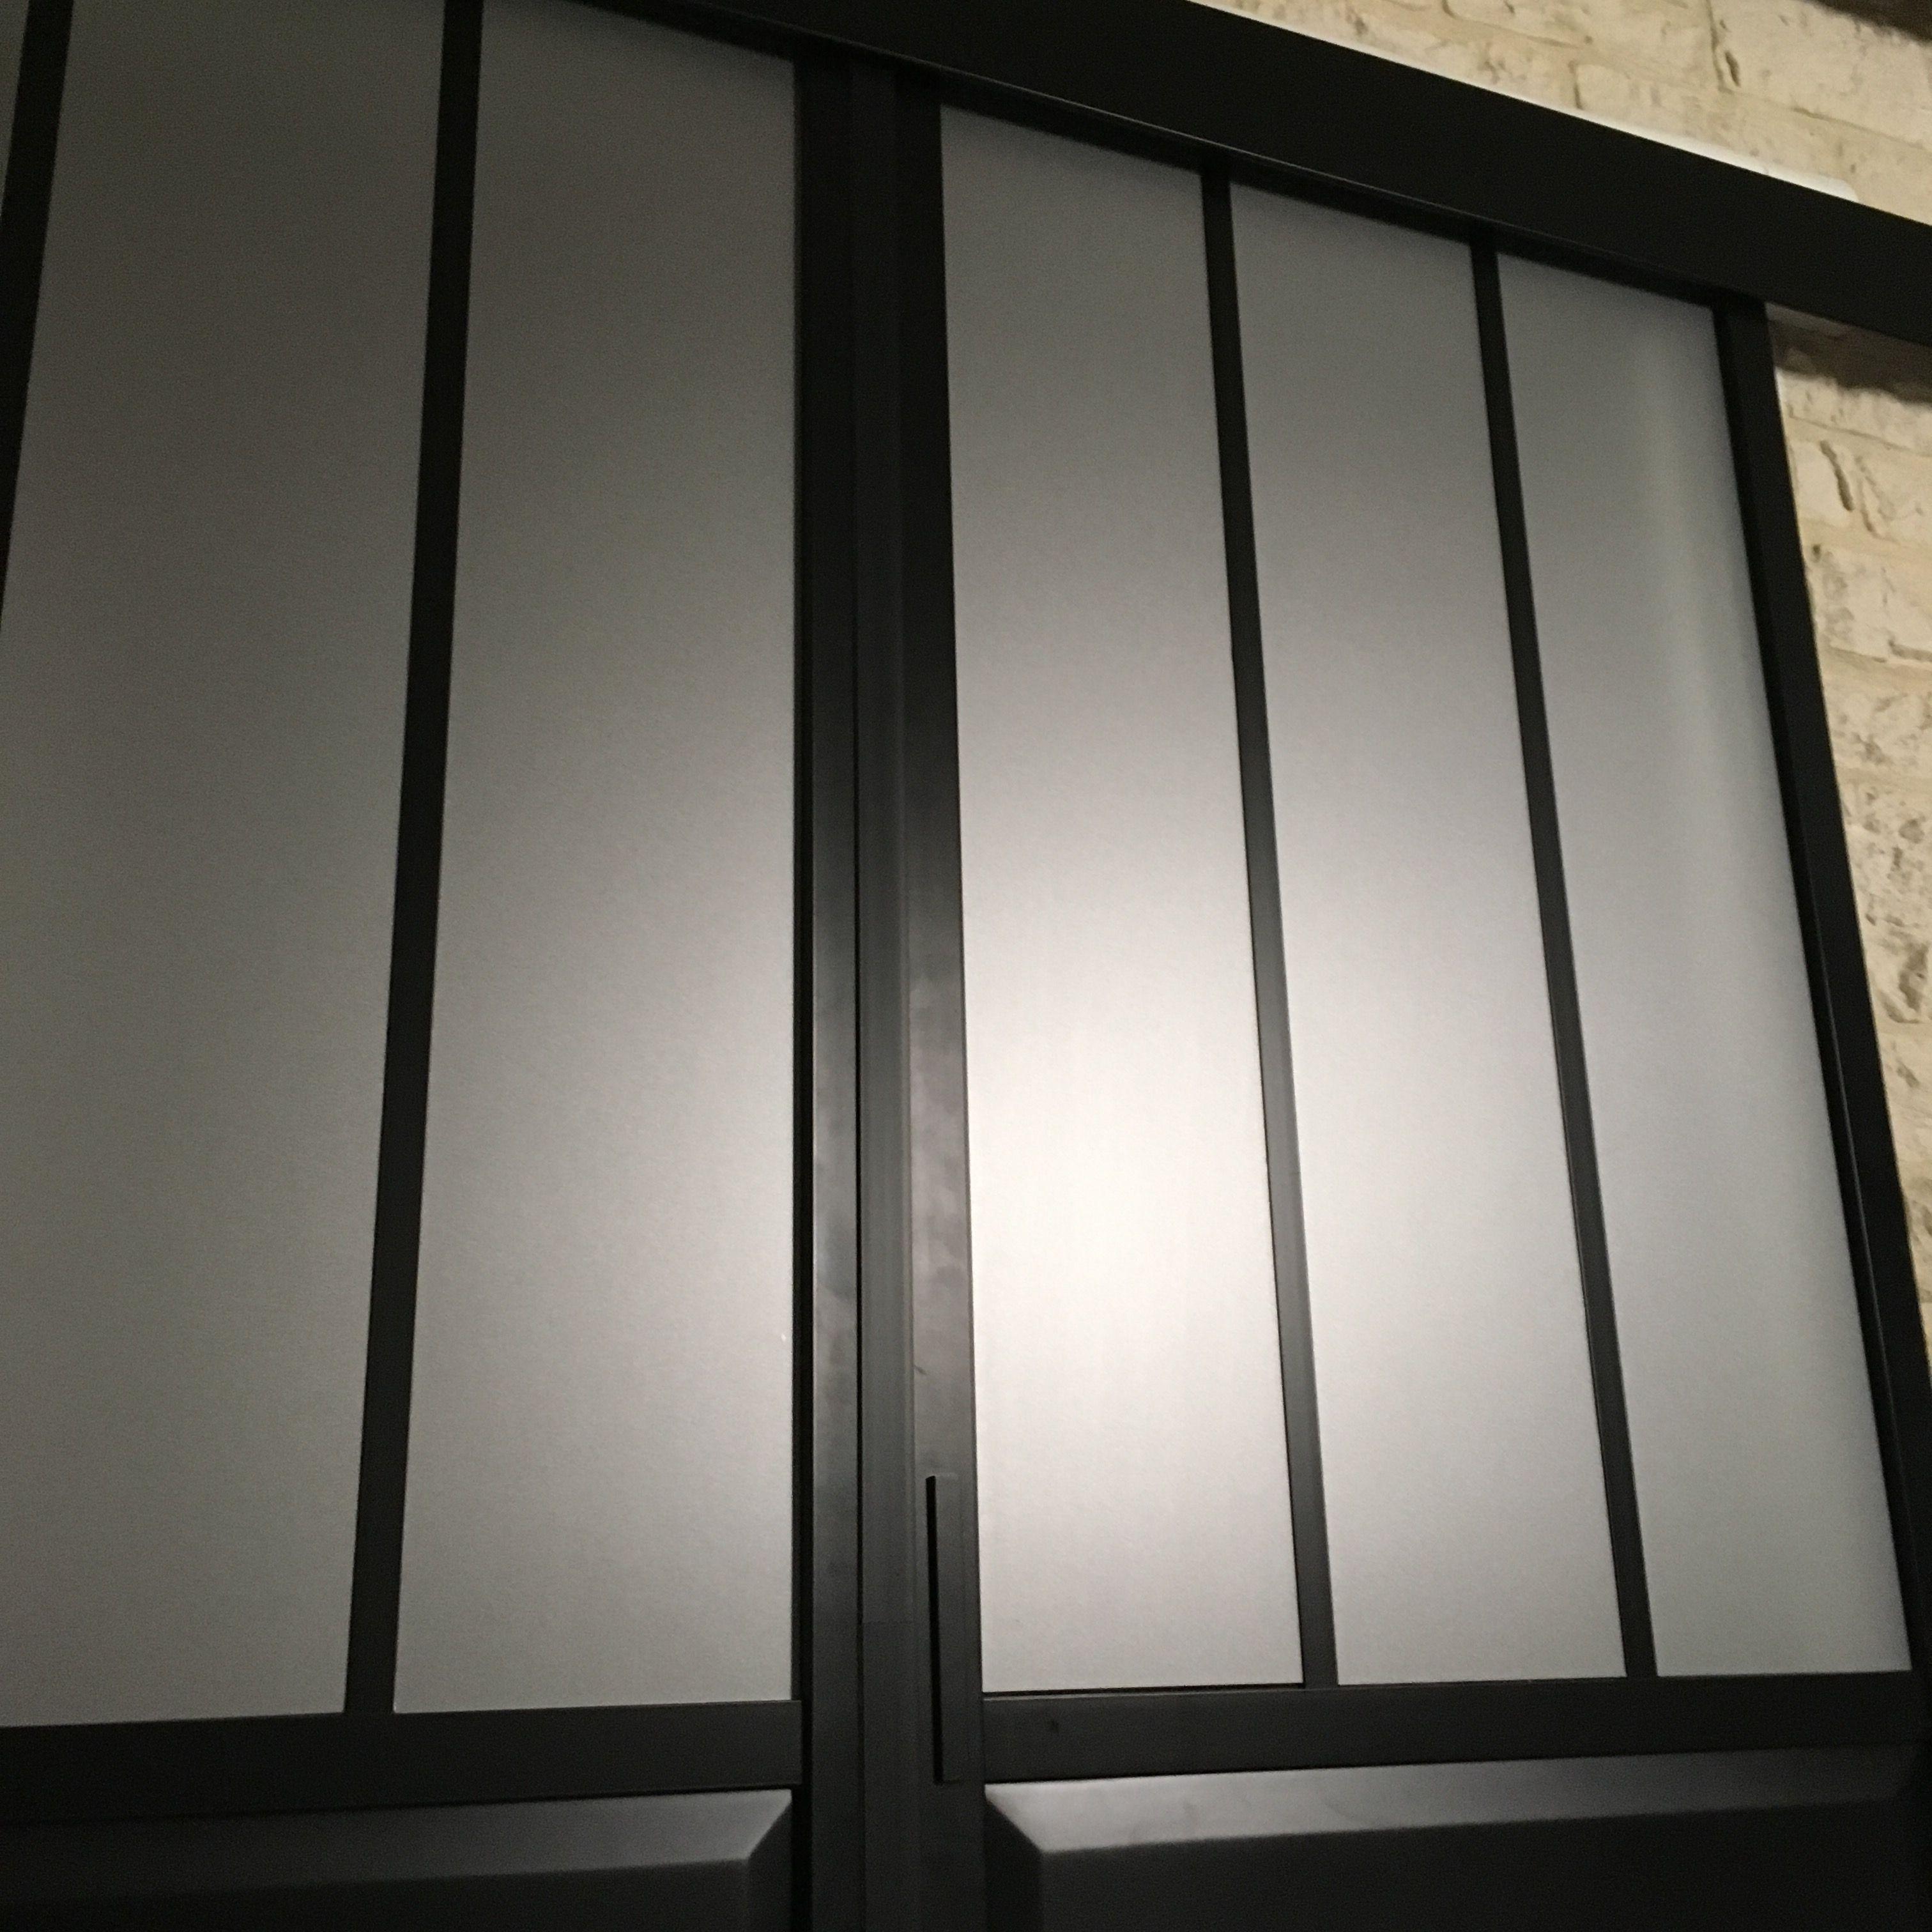 Porte Style Industriel Leroy Merlin Depoli Sur Vitres Atelier 3d 86 Vitre Atelier Renovation Maison Extension Maison